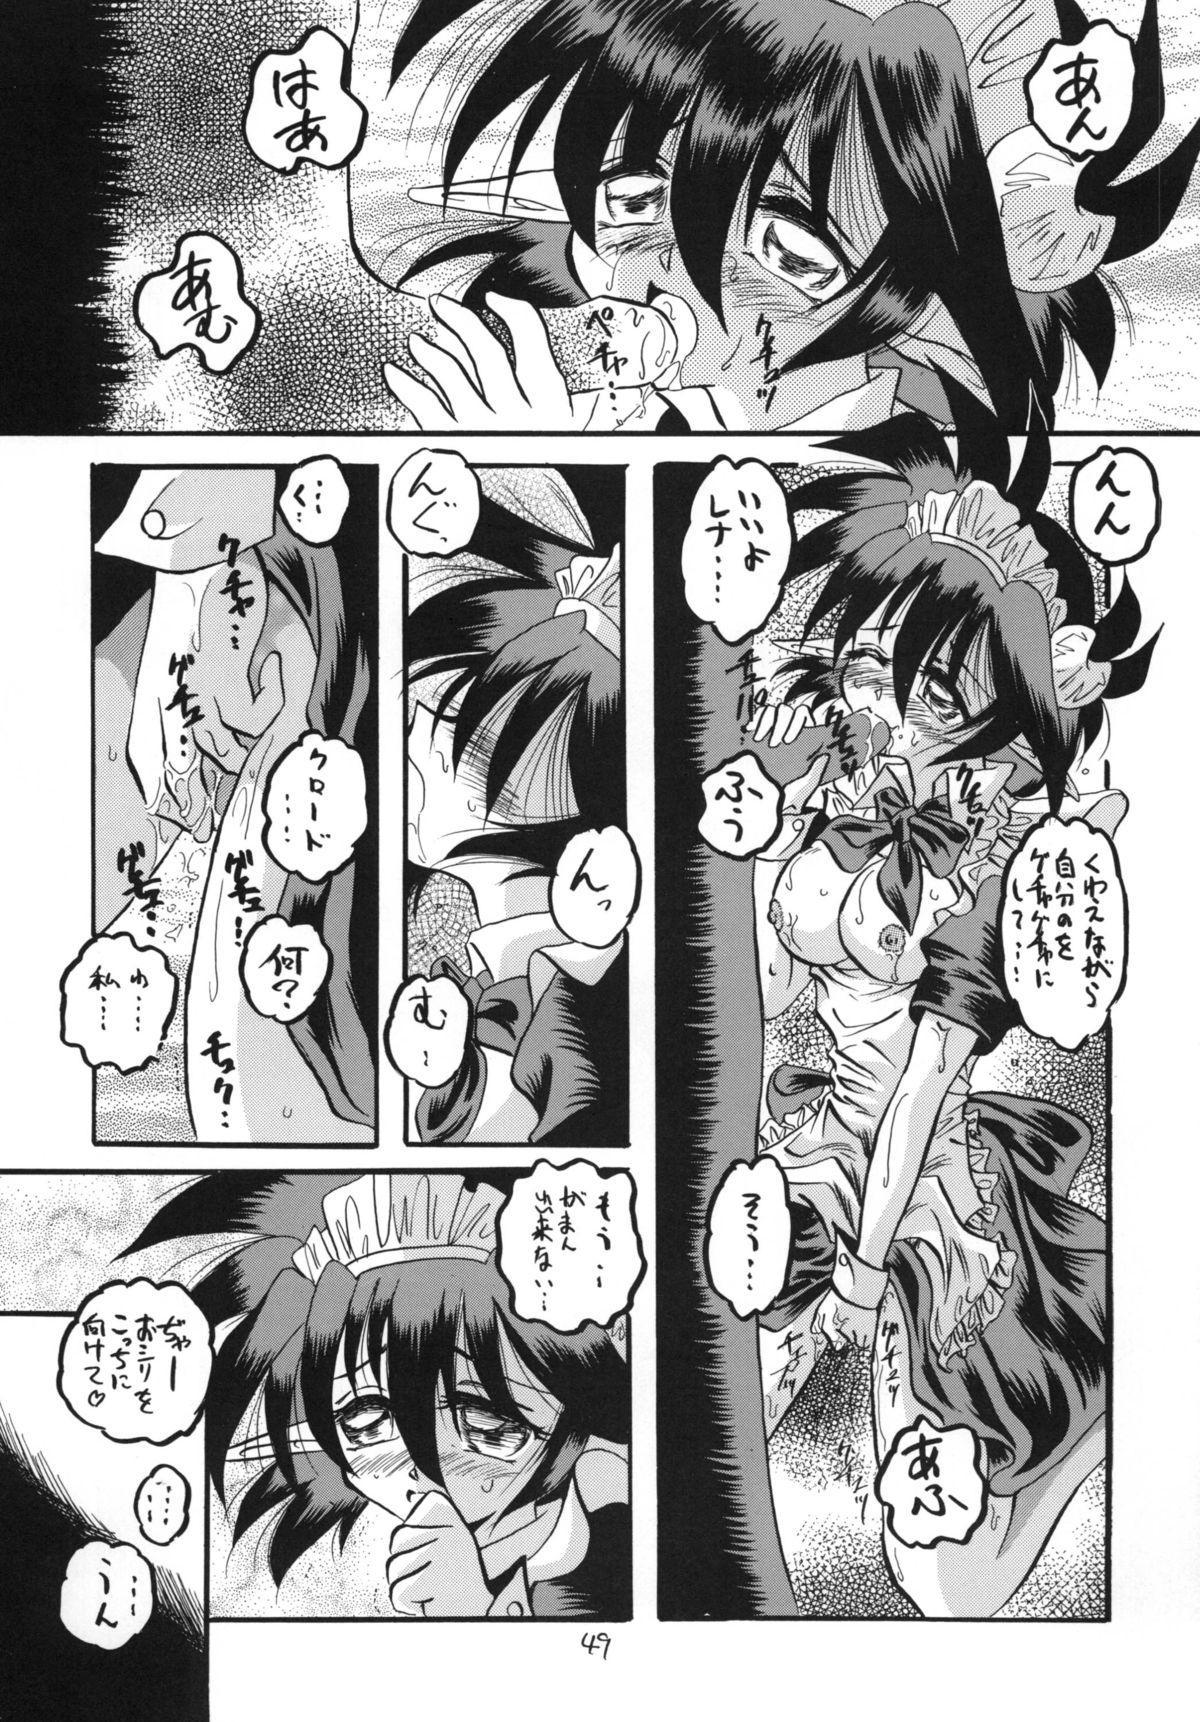 Kuro no Taikai Kouhen 48